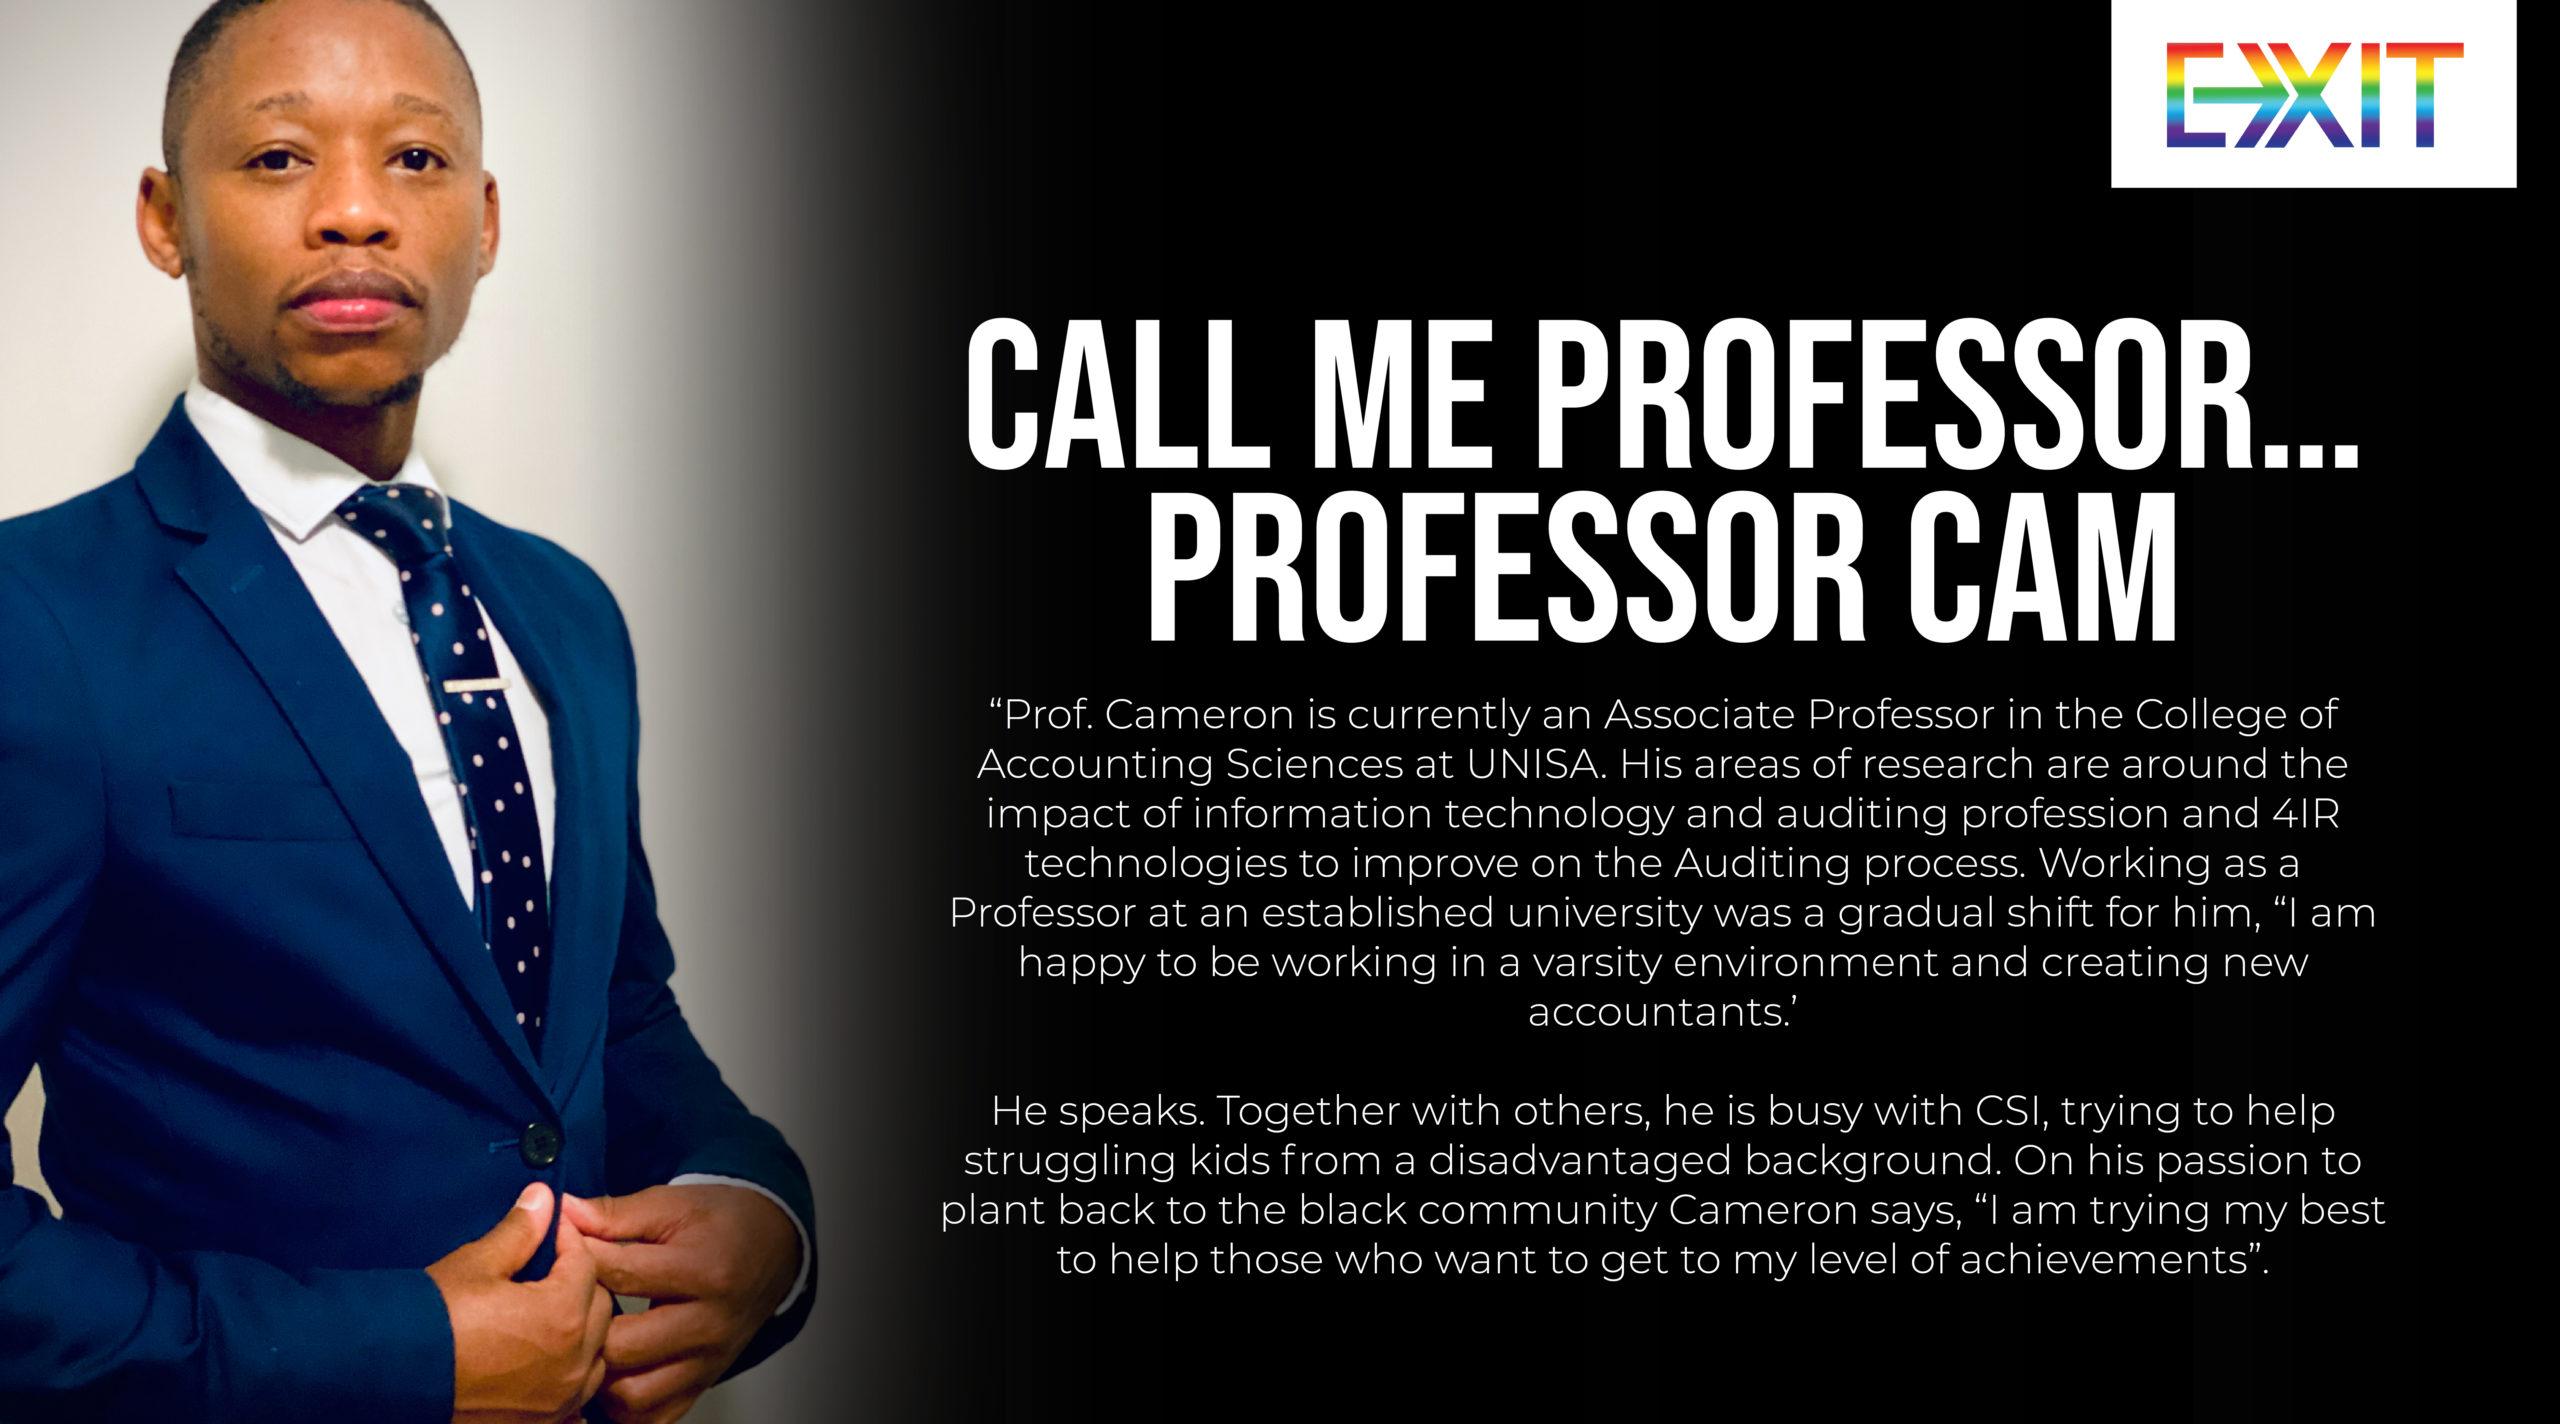 CALL ME PROFESSOR… PROFESSOR CAM